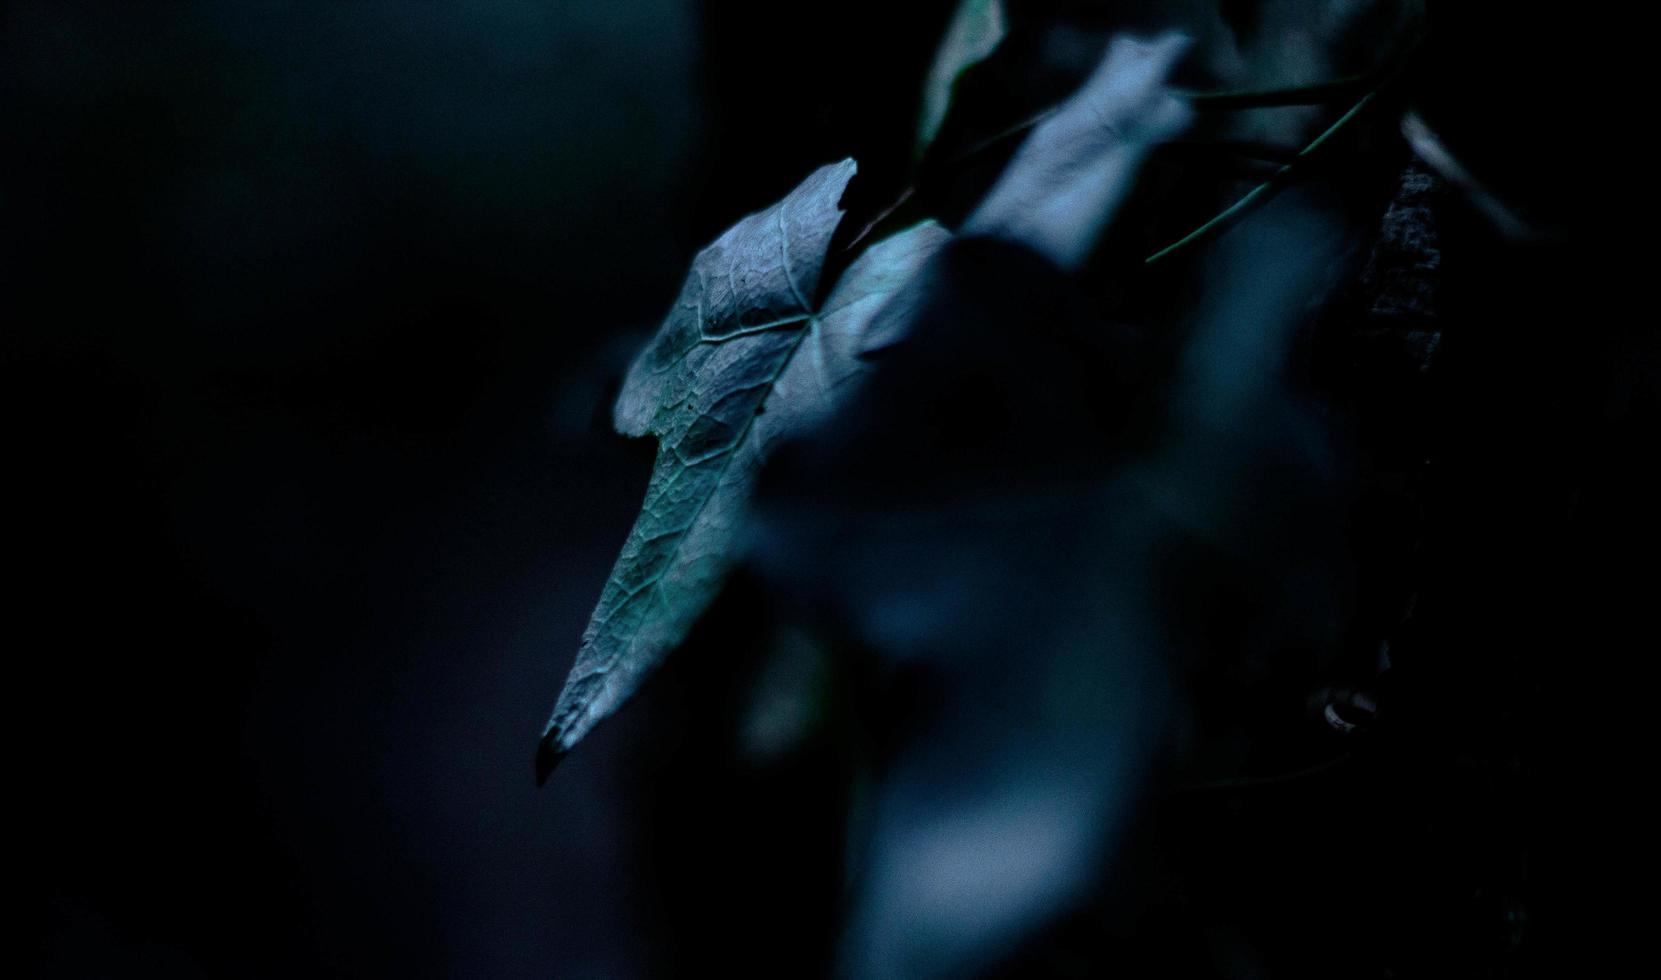 feuilles de lierre la nuit photo